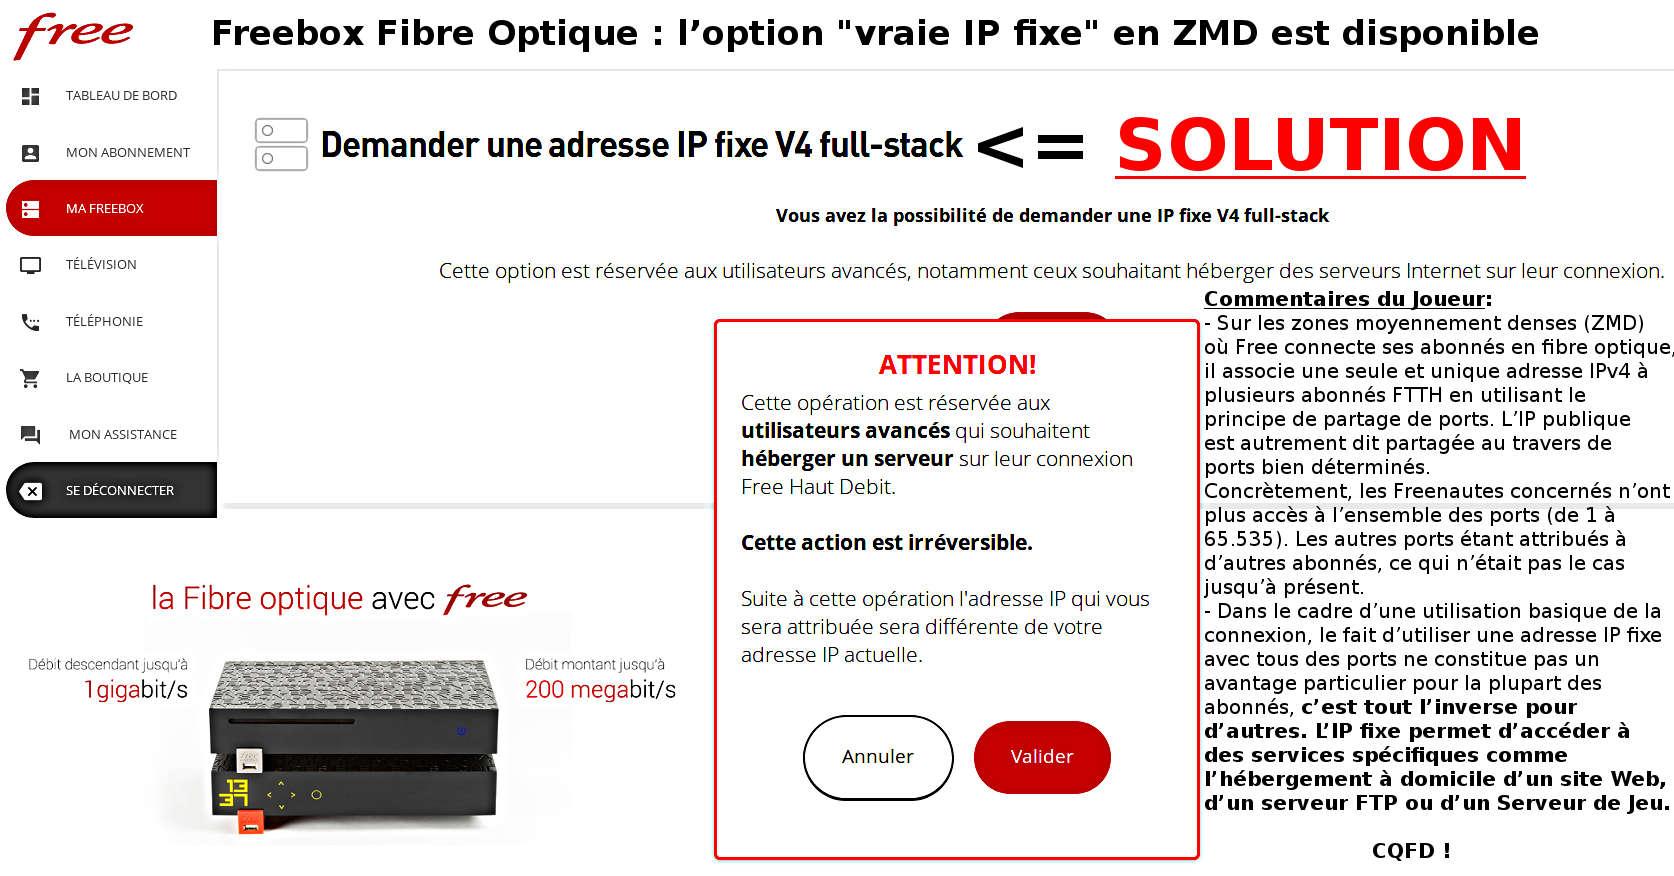 Free, Freebox et FTTH (fibre optique jusqu à l abonné) sur Métropole ... fab2b06b20a0